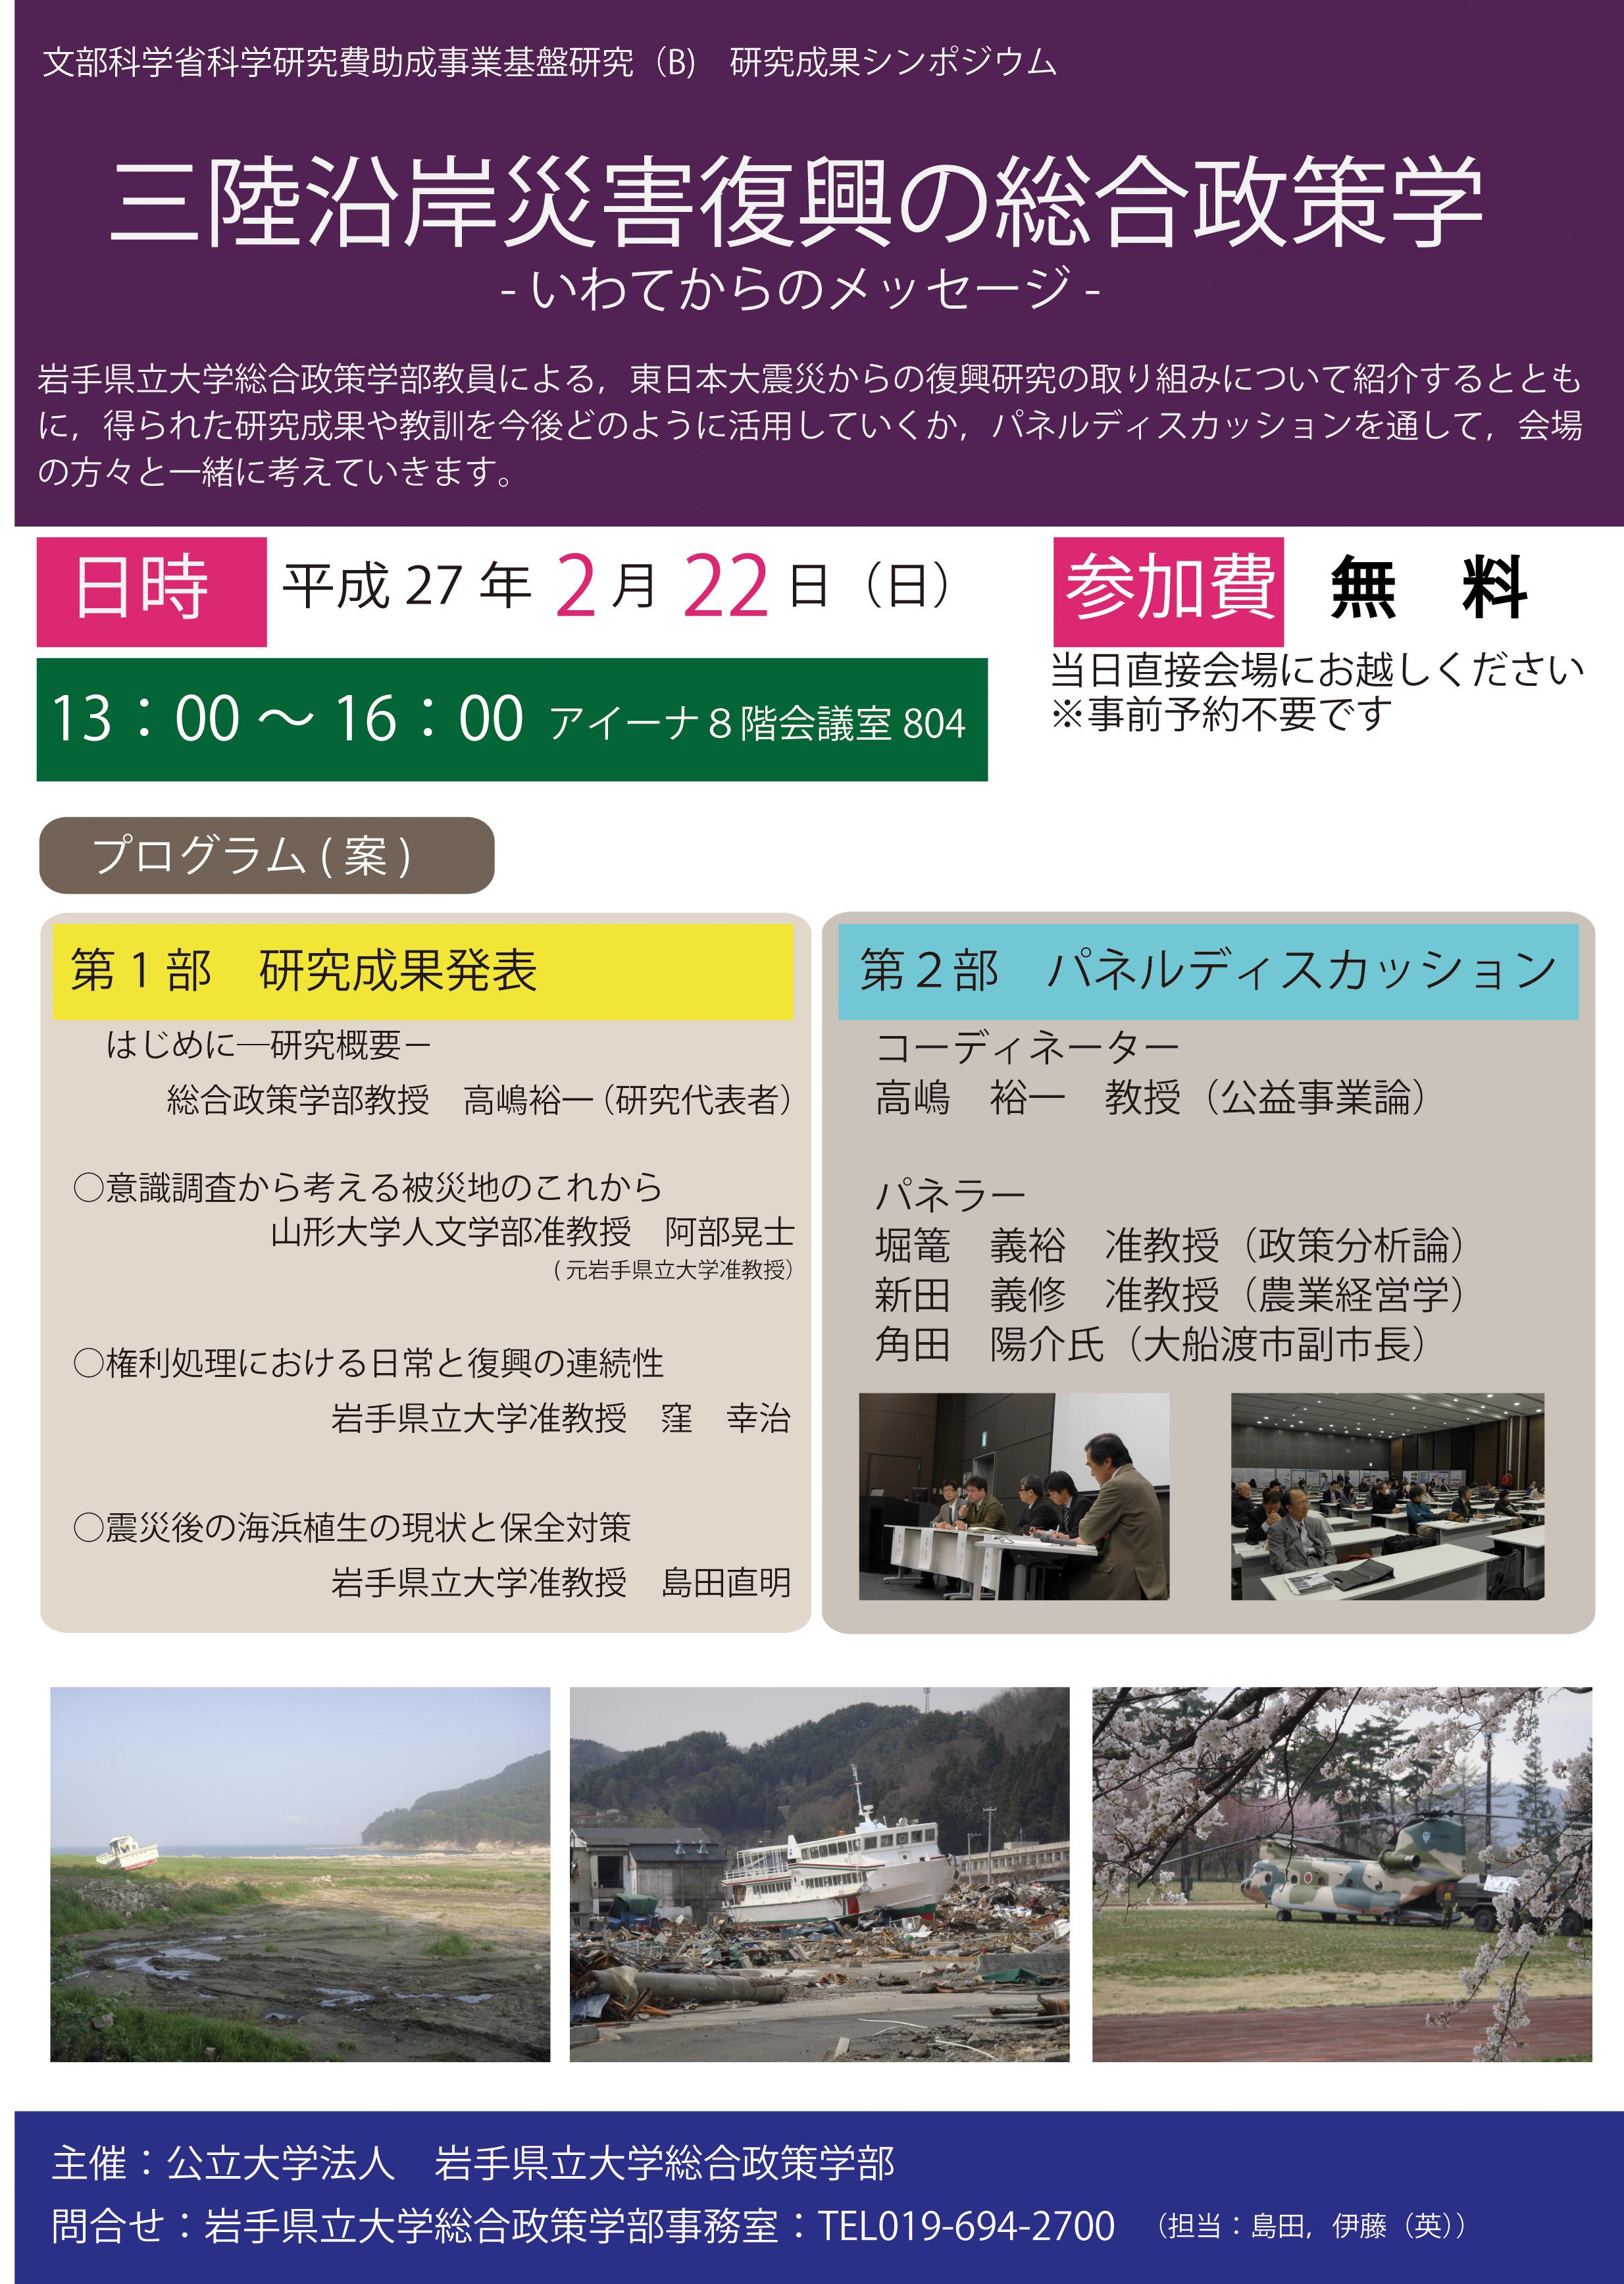 県大シンポジウム20150222_2.jpg